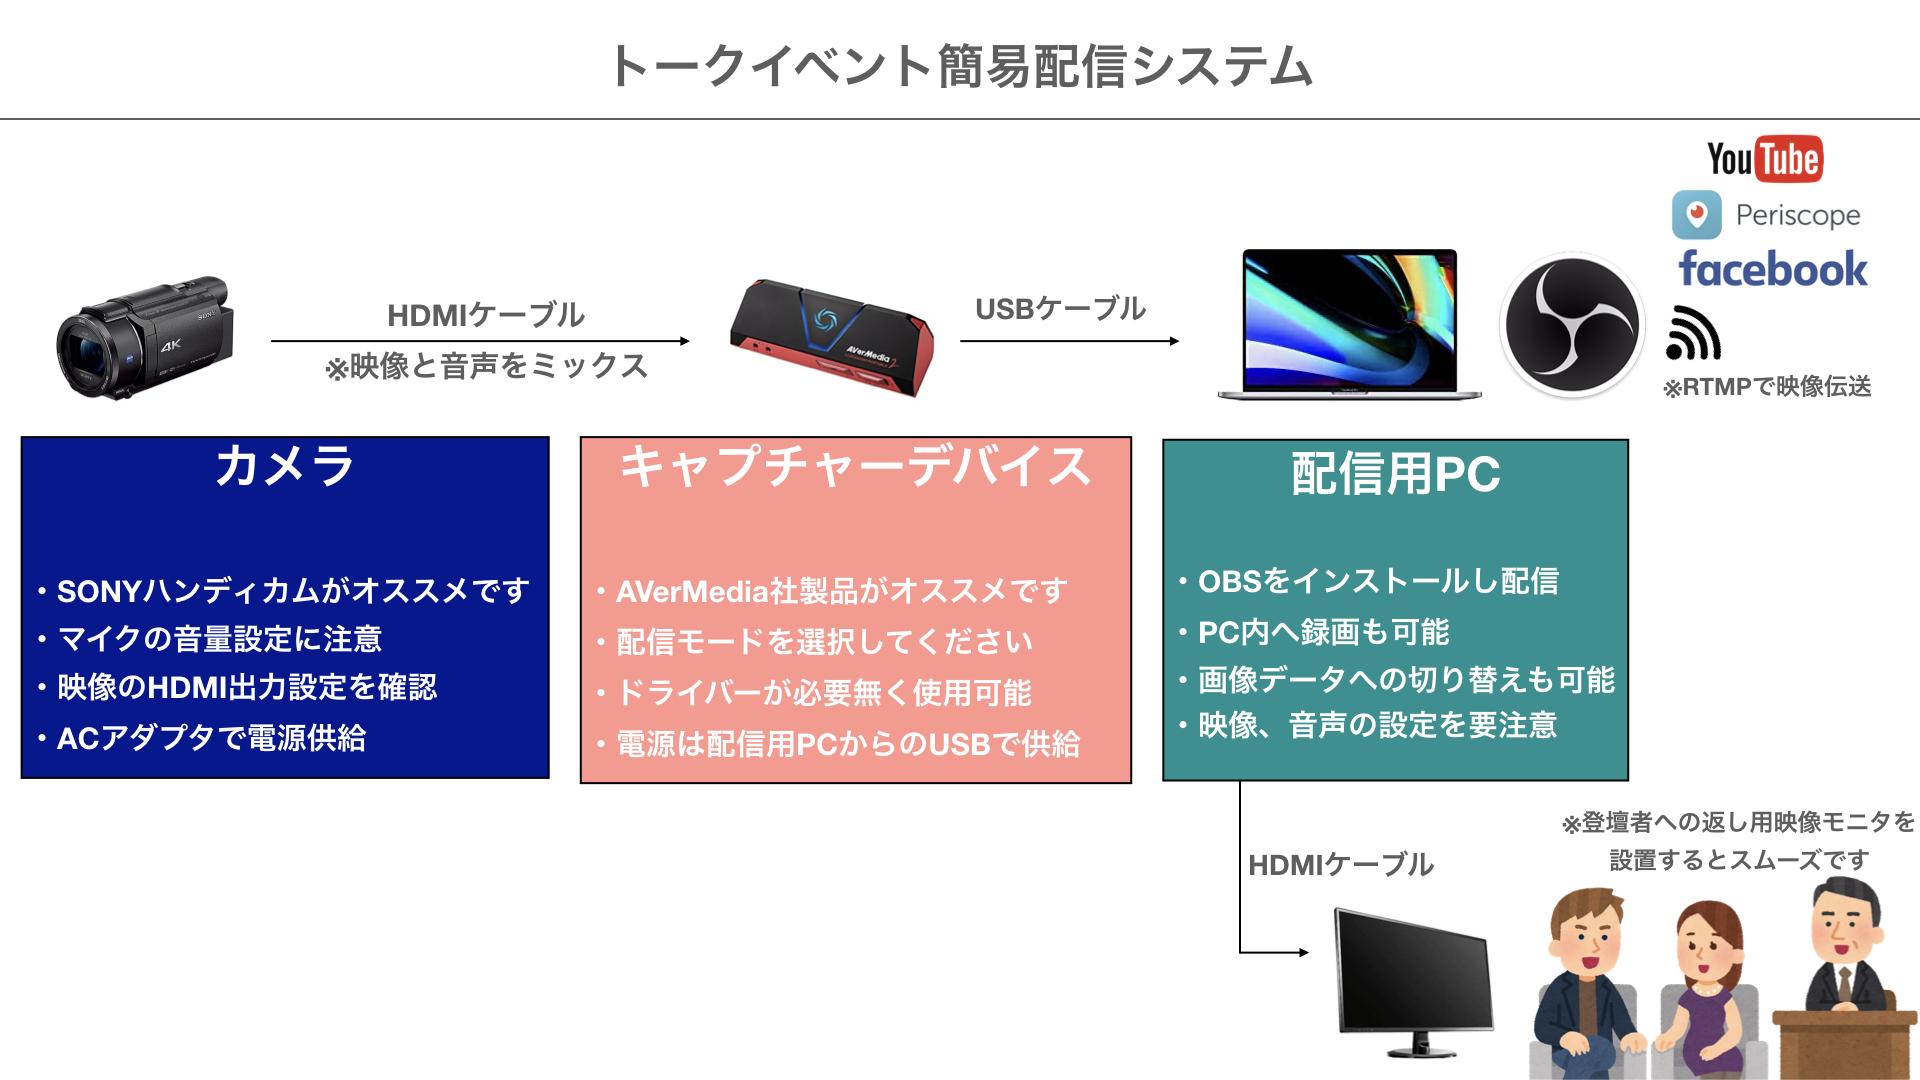 配信システムの概念図